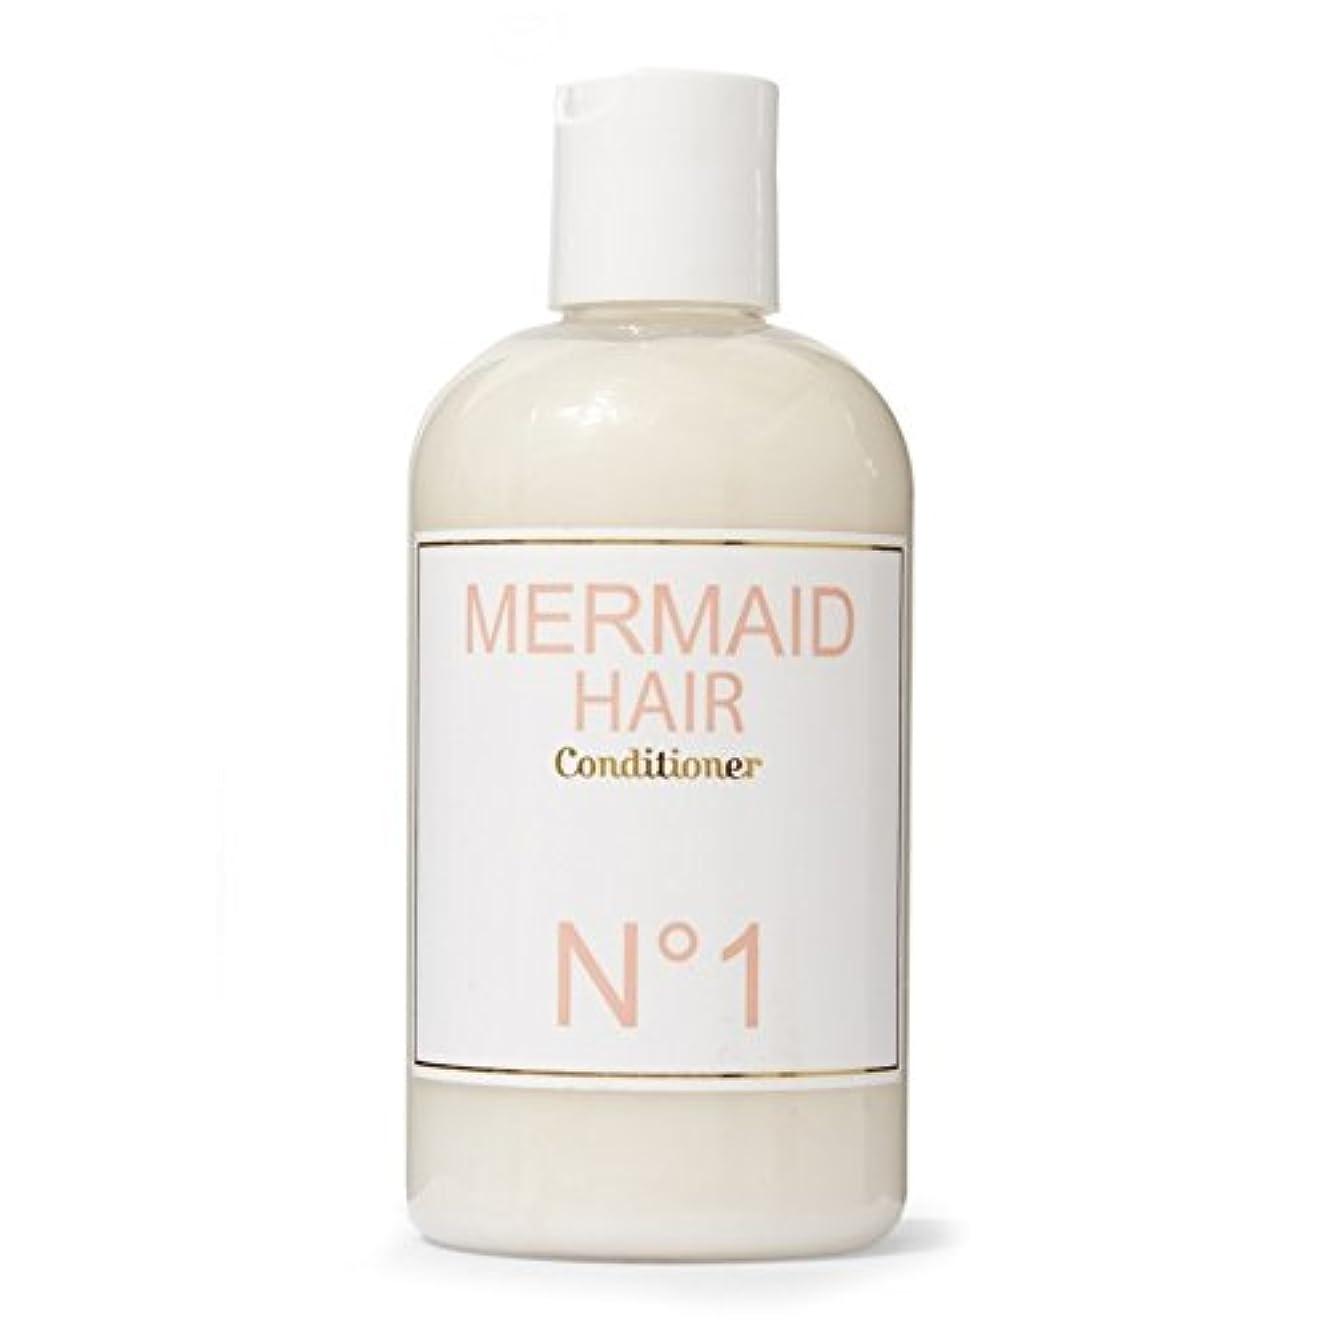 うがい薬フォロー息切れMermaid Perfume Mermaid Conditioner 300ml (Pack of 6) - 人魚香水人魚コンディショナー300ミリリットル x6 [並行輸入品]